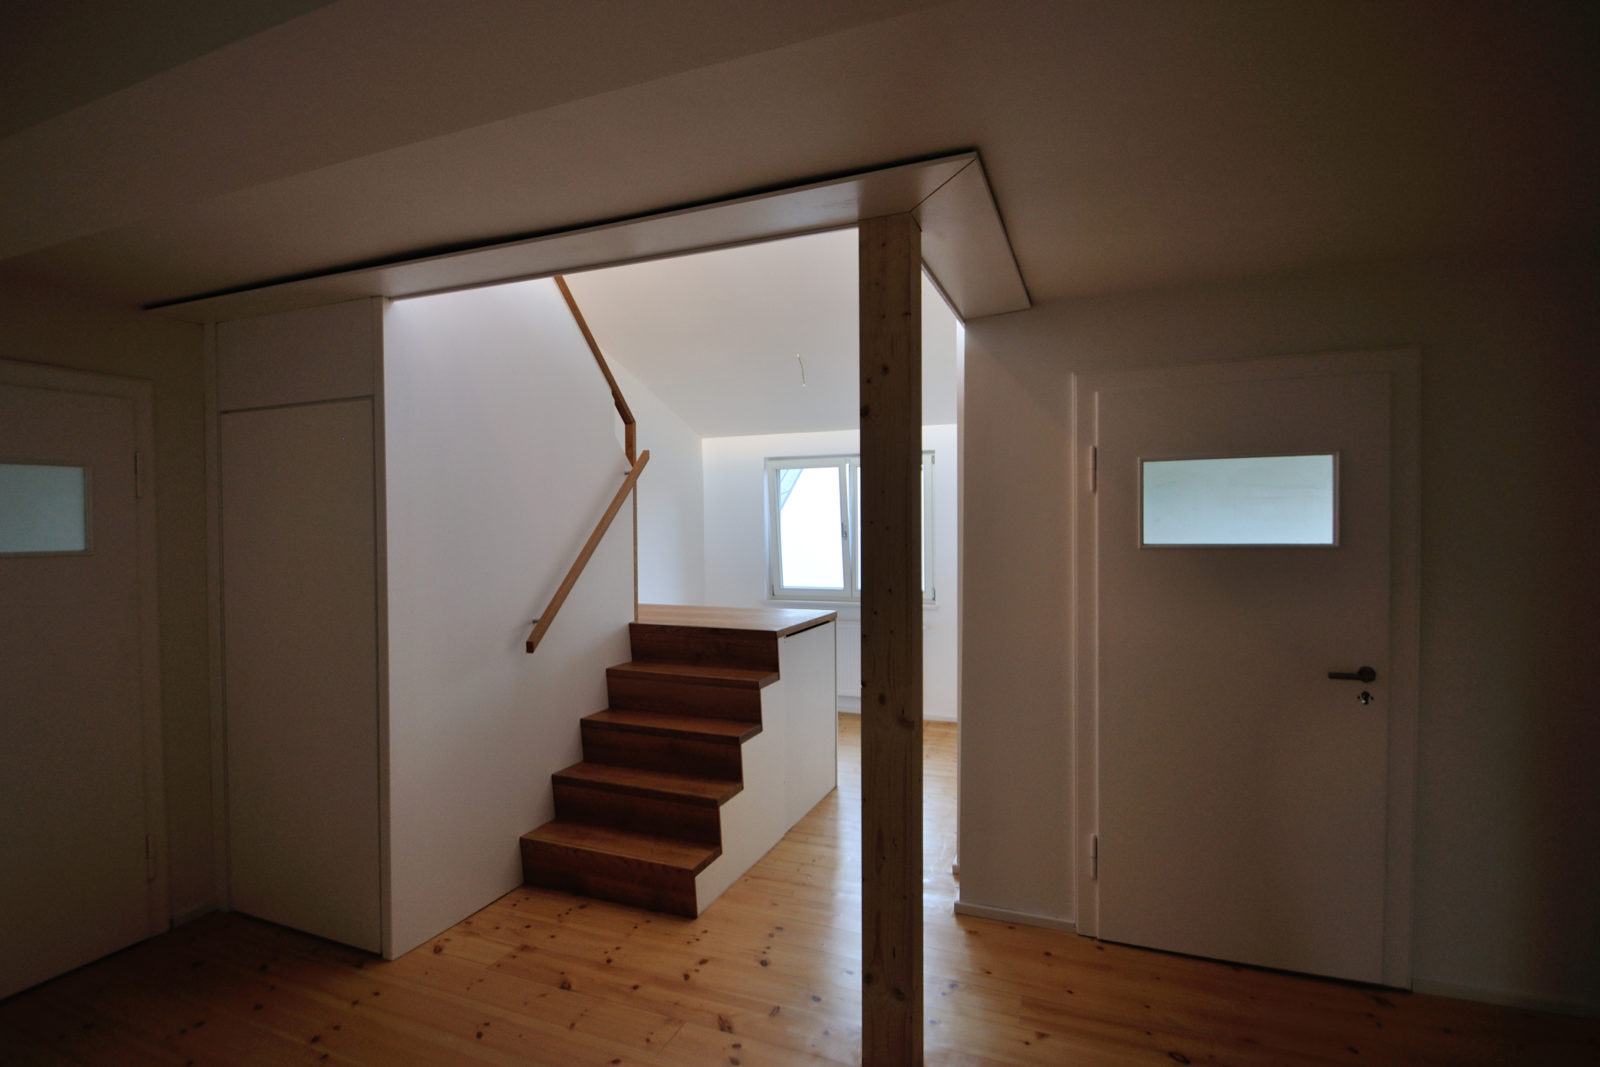 Umbau und Sanierung Mehrfamilienhaus in Leipizg, Plagwitz - Diele mit Innentreppe